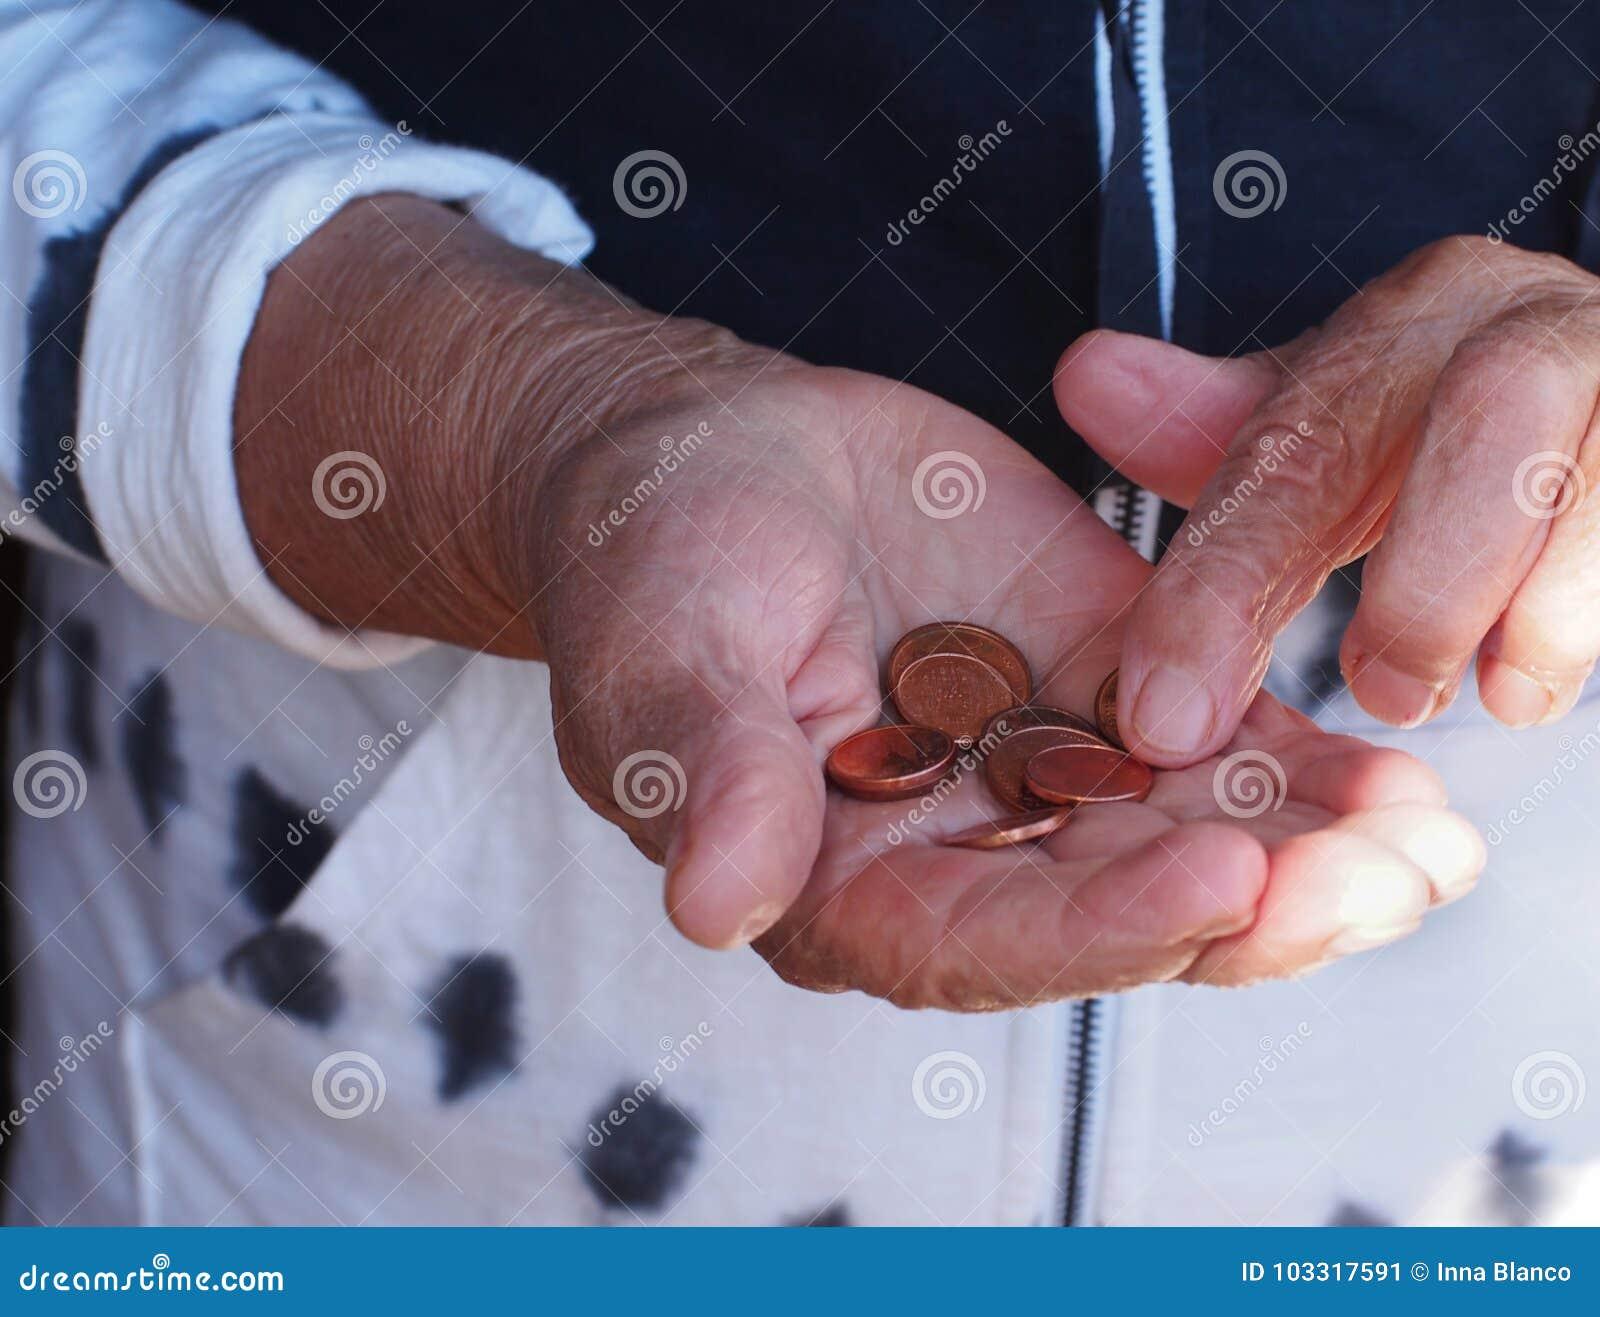 Frauenhände, die einige Euromünzen halten Pension, Armut, Sozialprobleme und Altersschwächethema